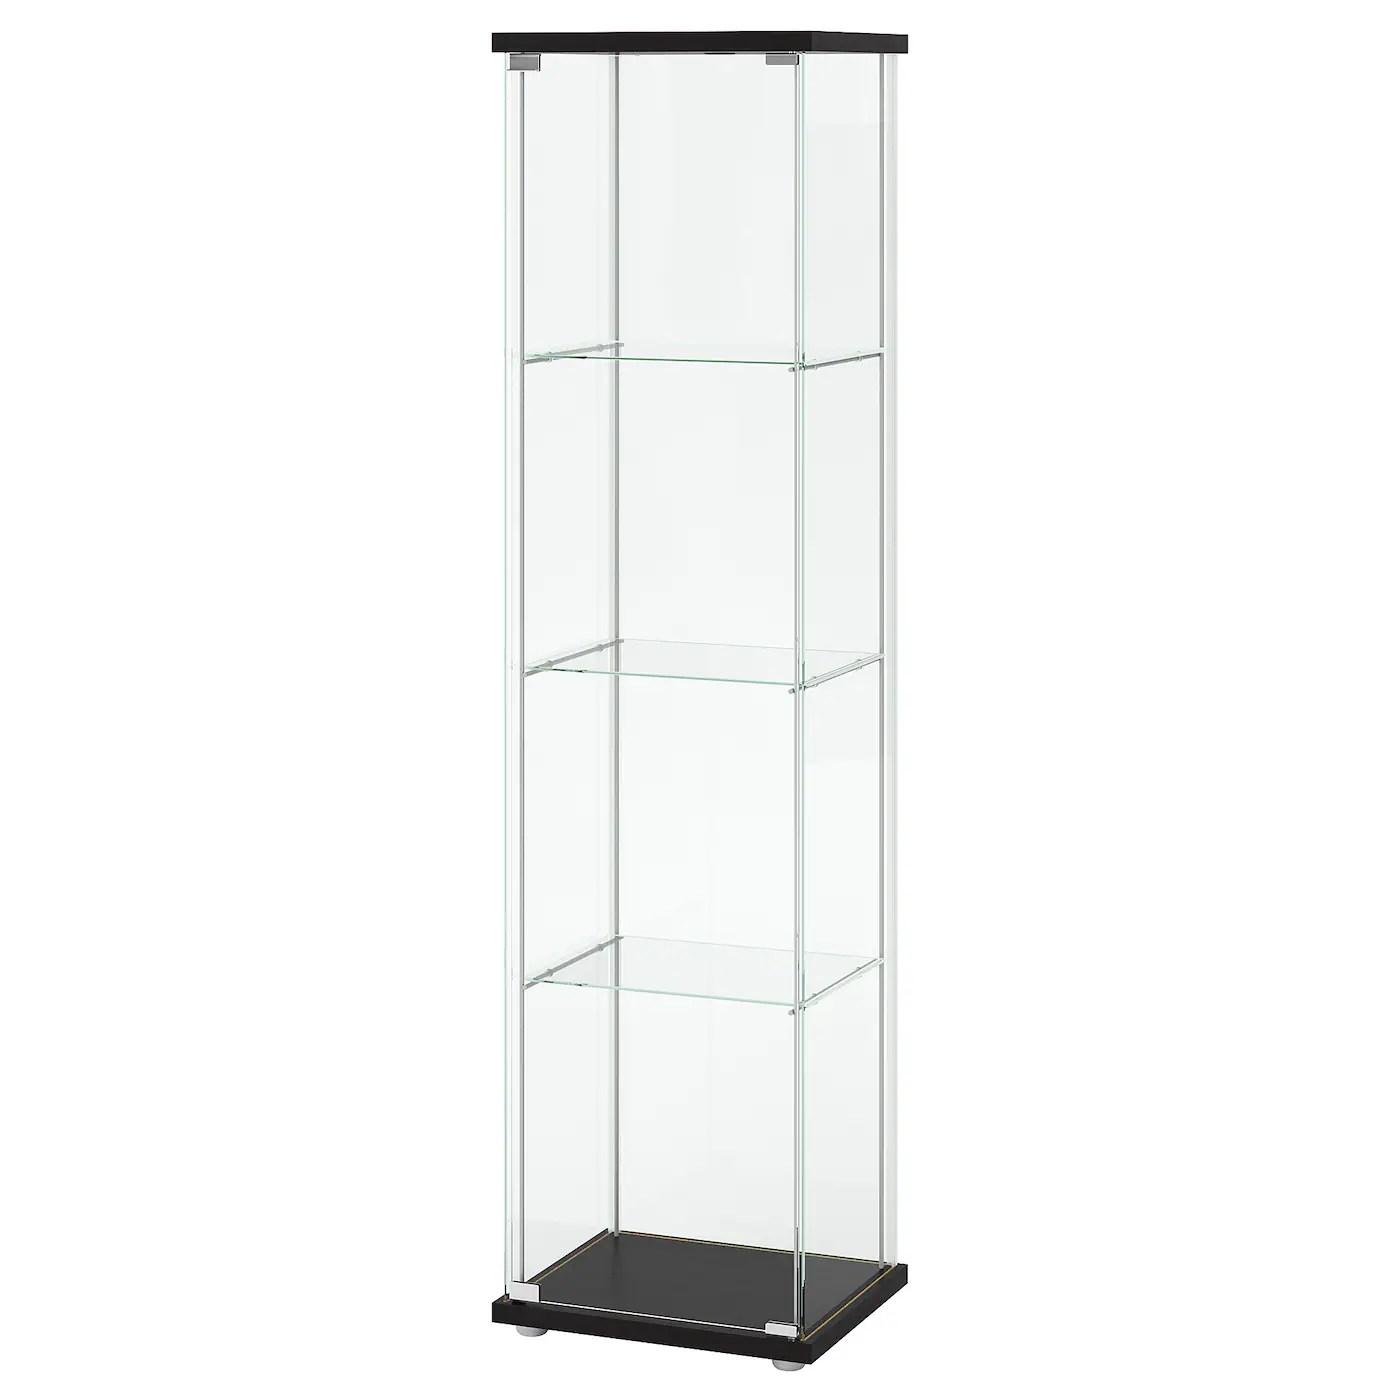 detolf glass door cabinet black brown 16 3 4x64 1 8